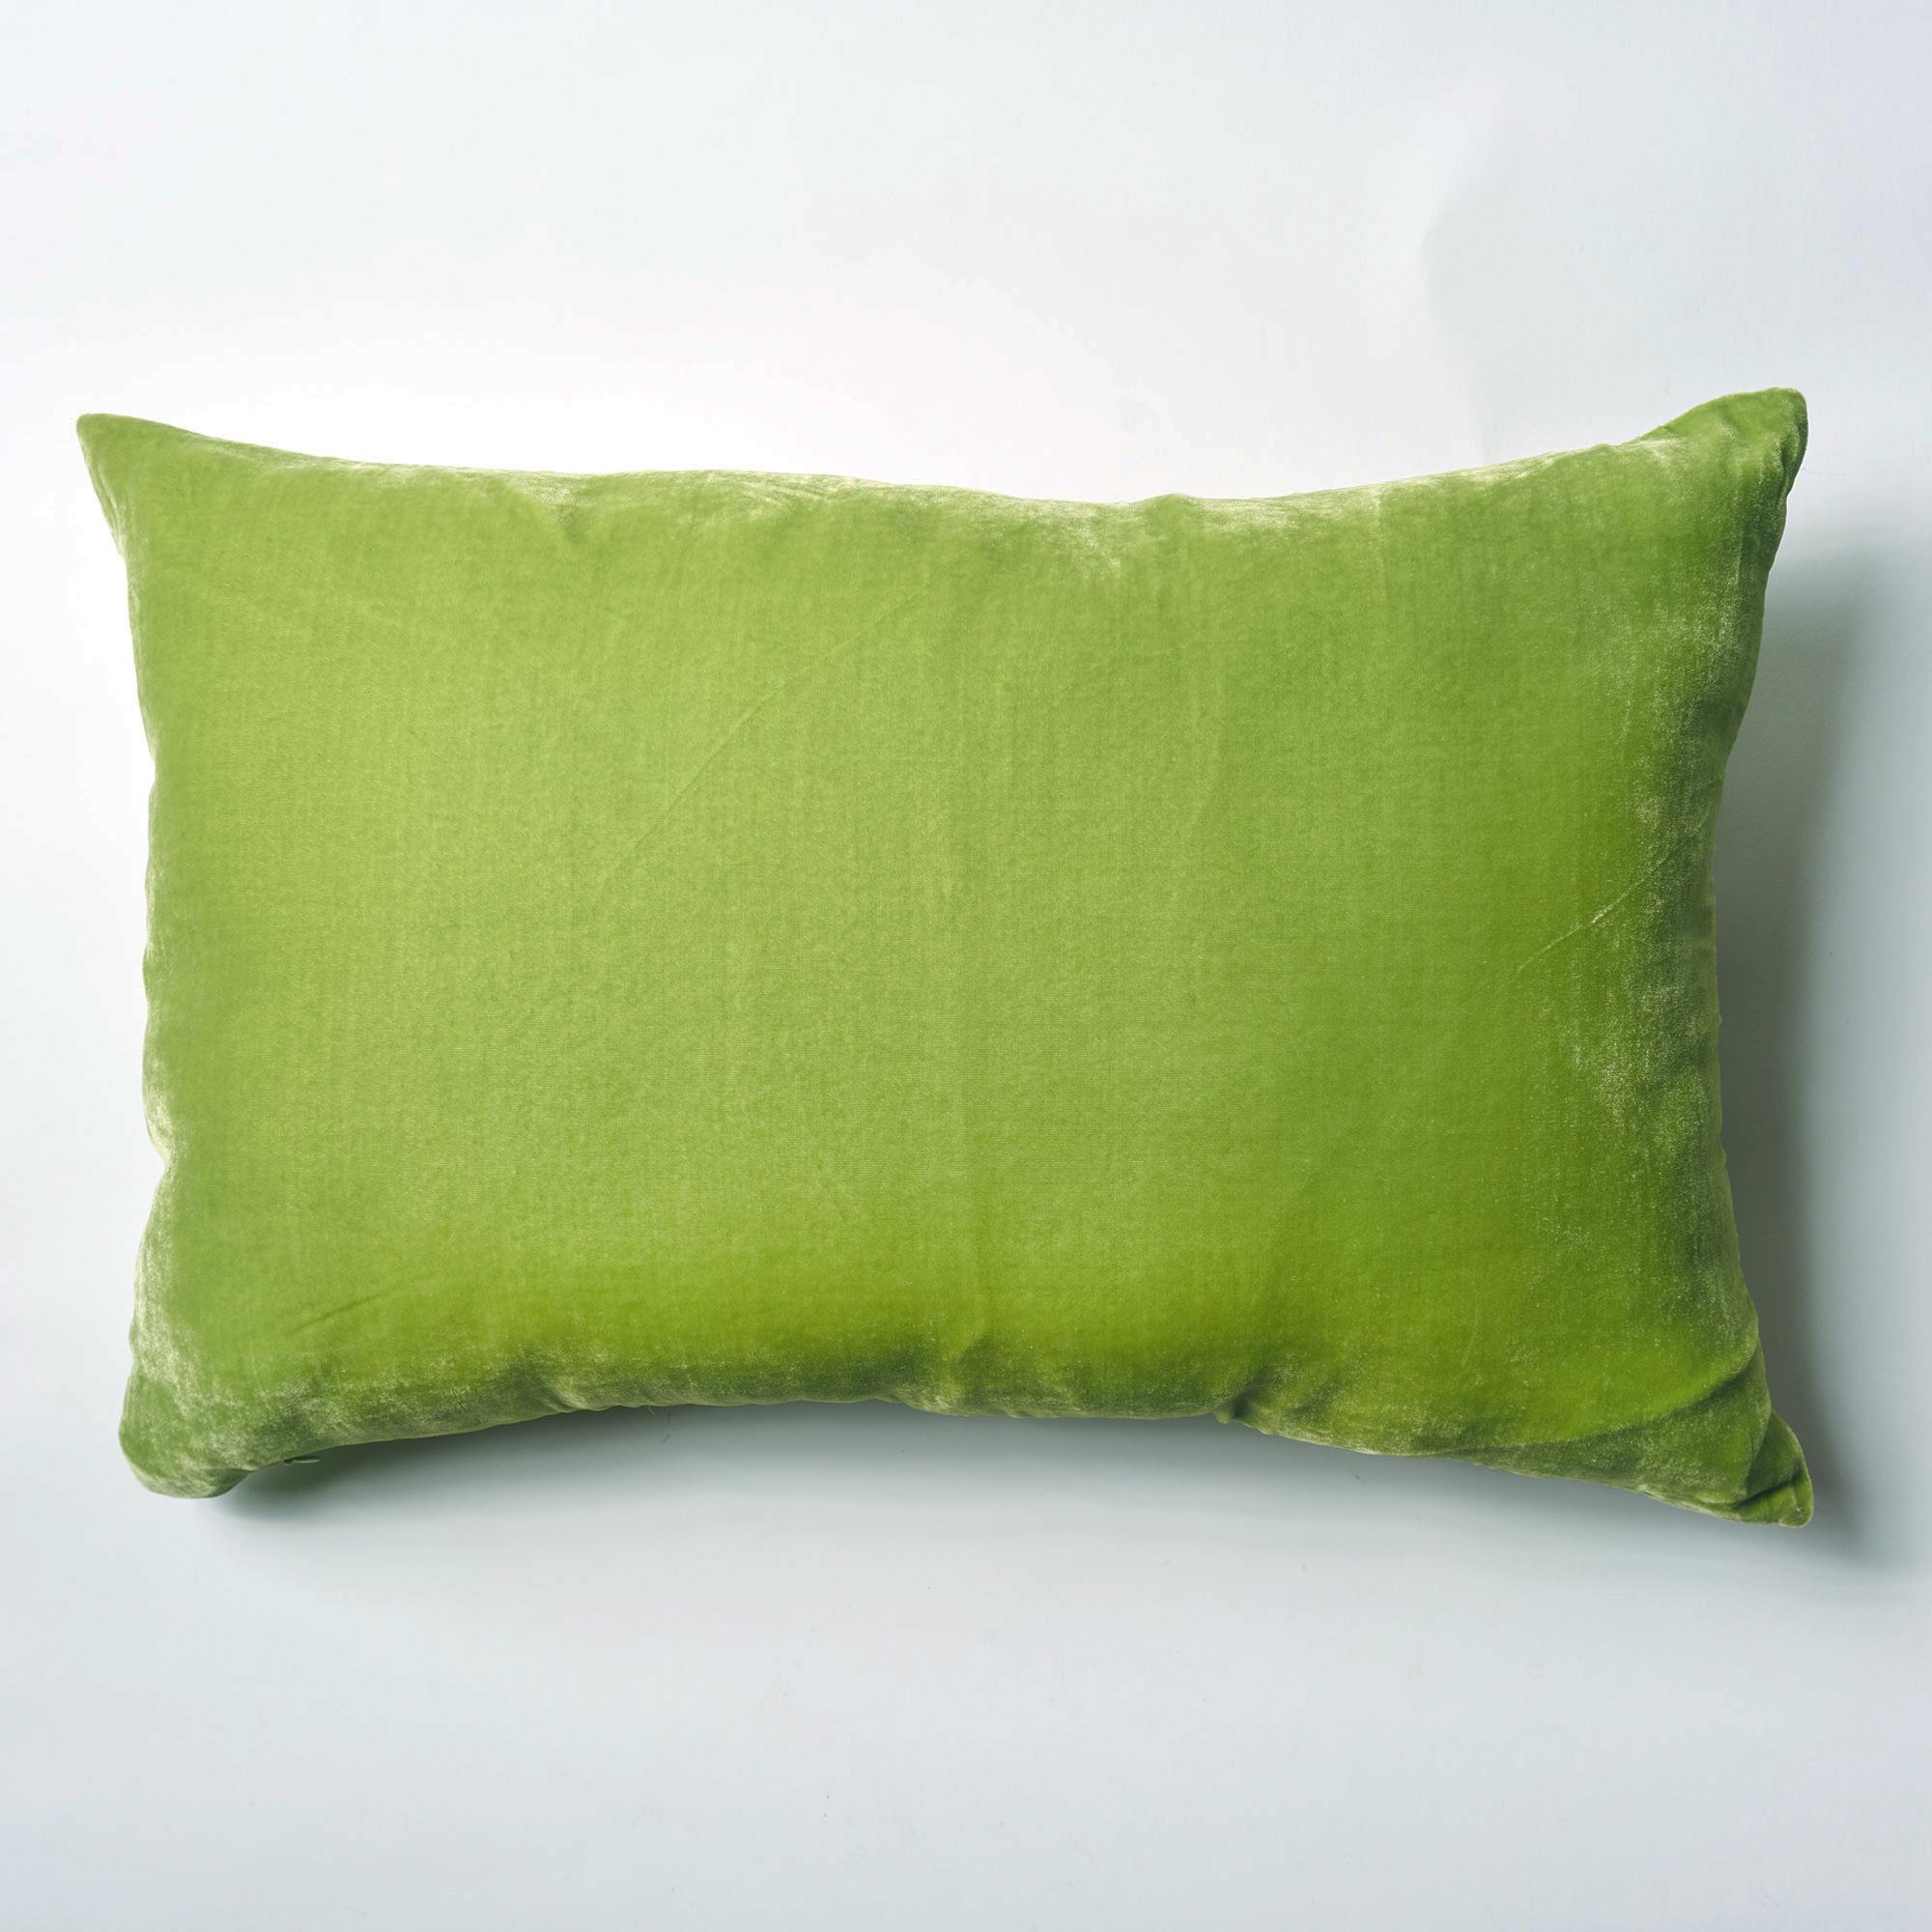 Almohadón de terciopelo, rectangular, verde manzana